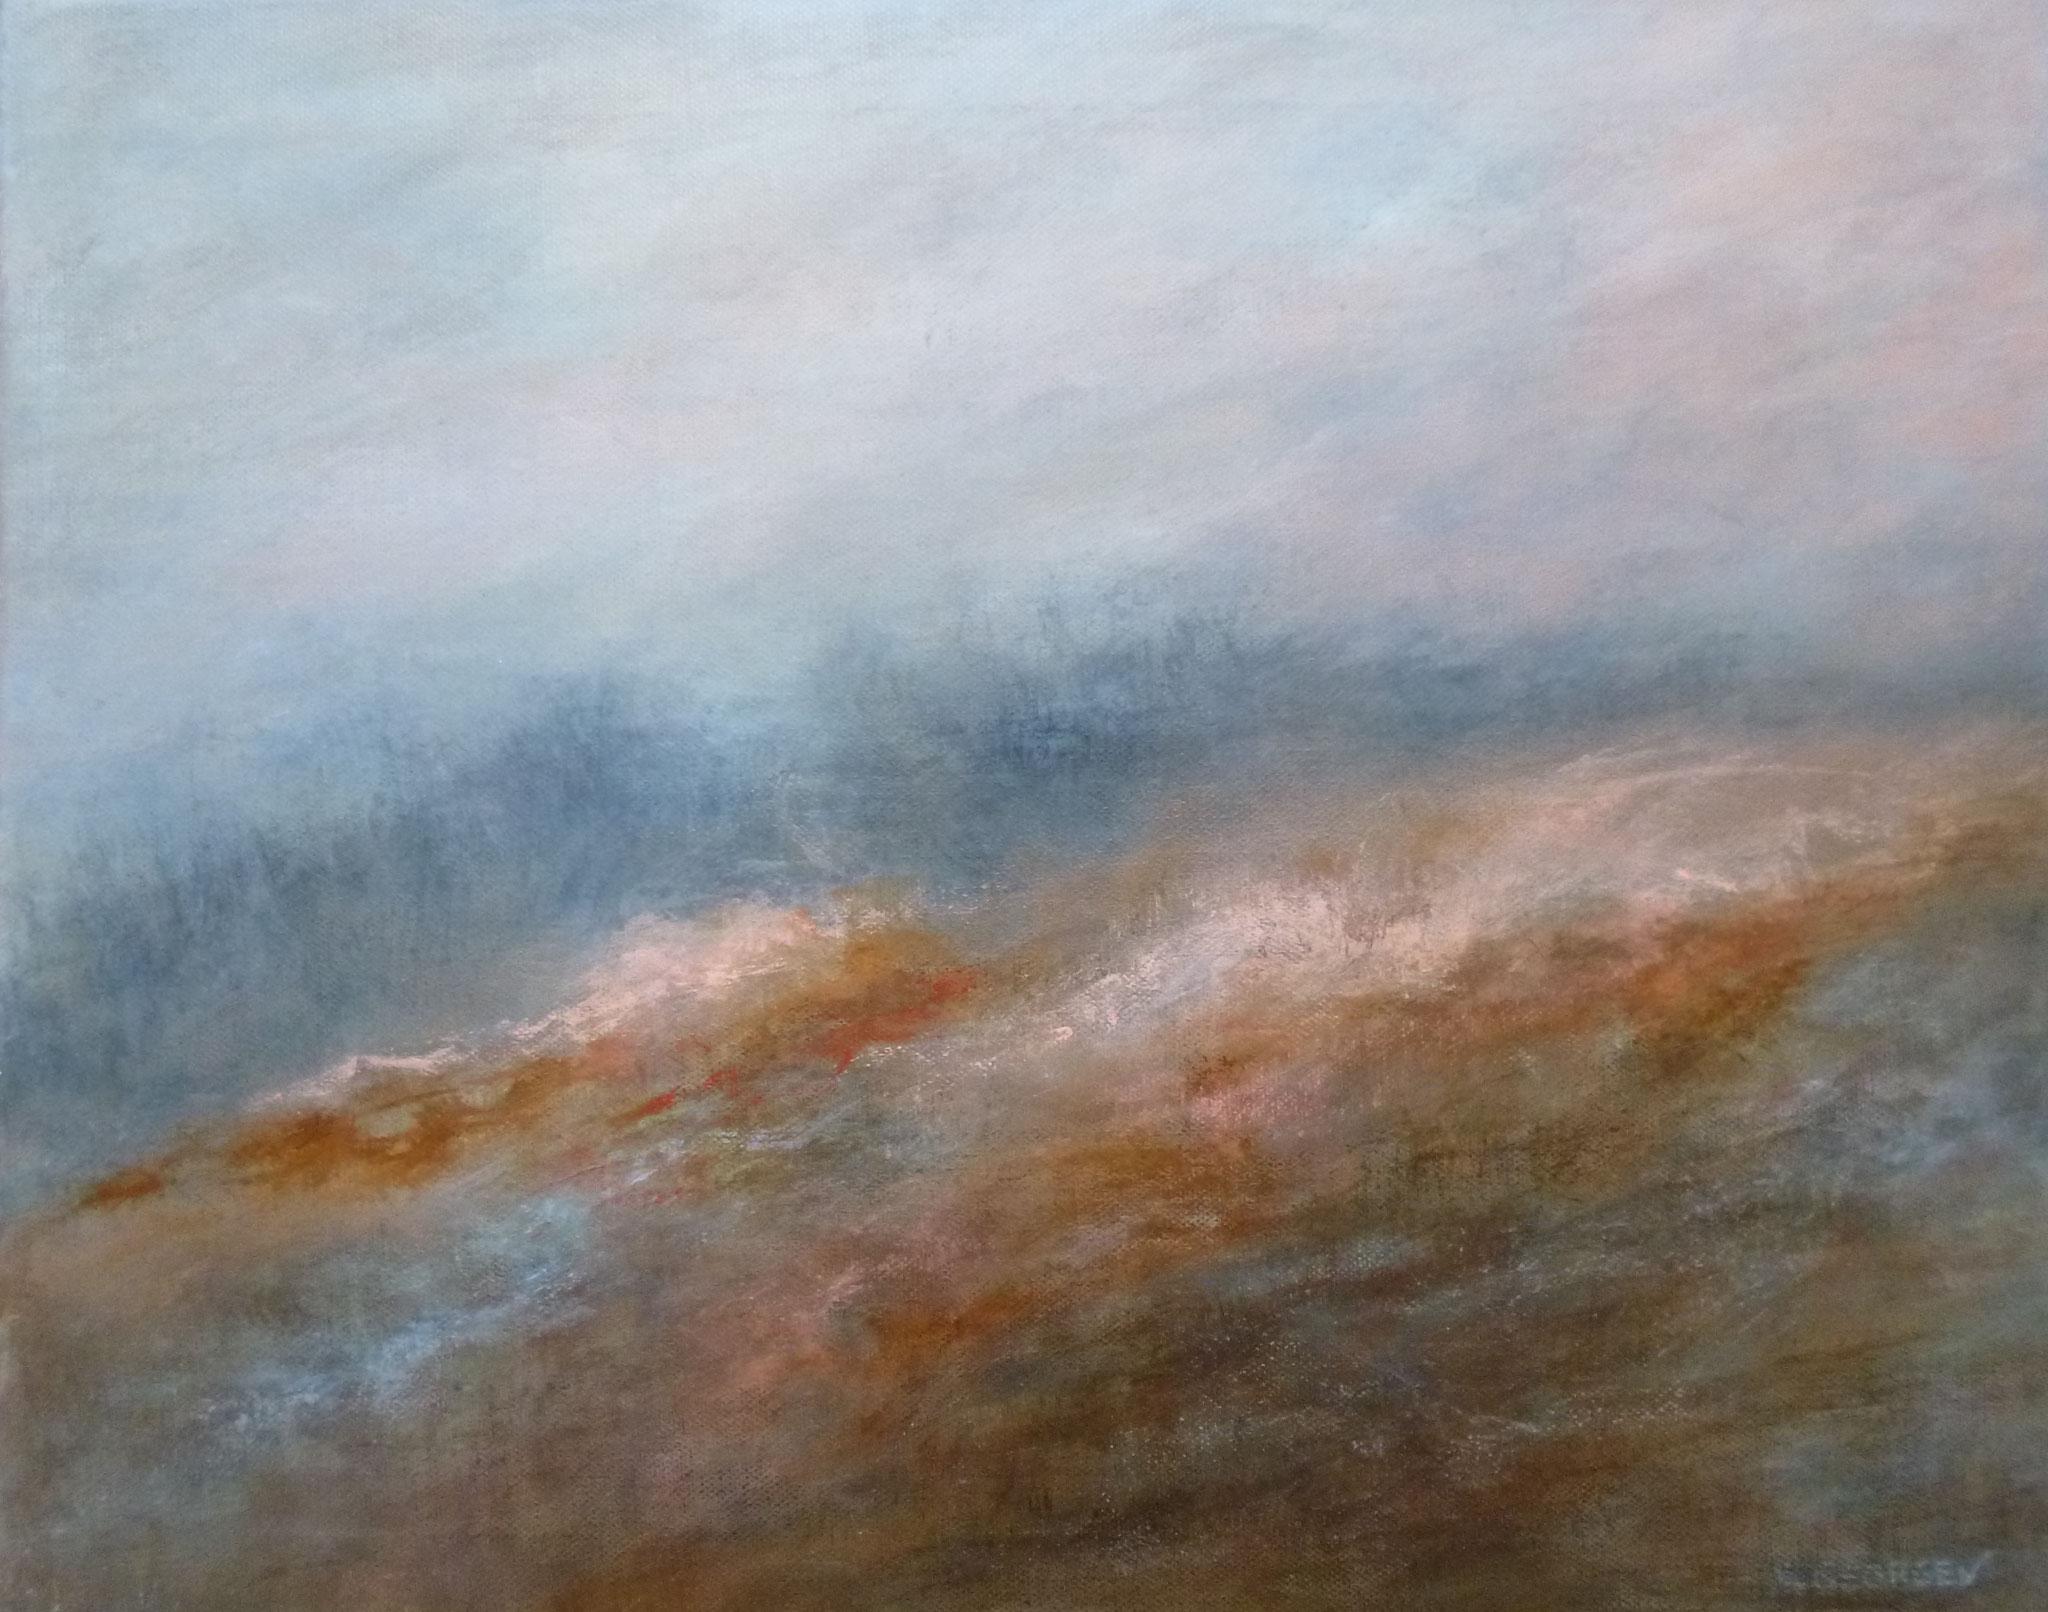 HIVERNALE, acrylique sur toile, 40x50 cm